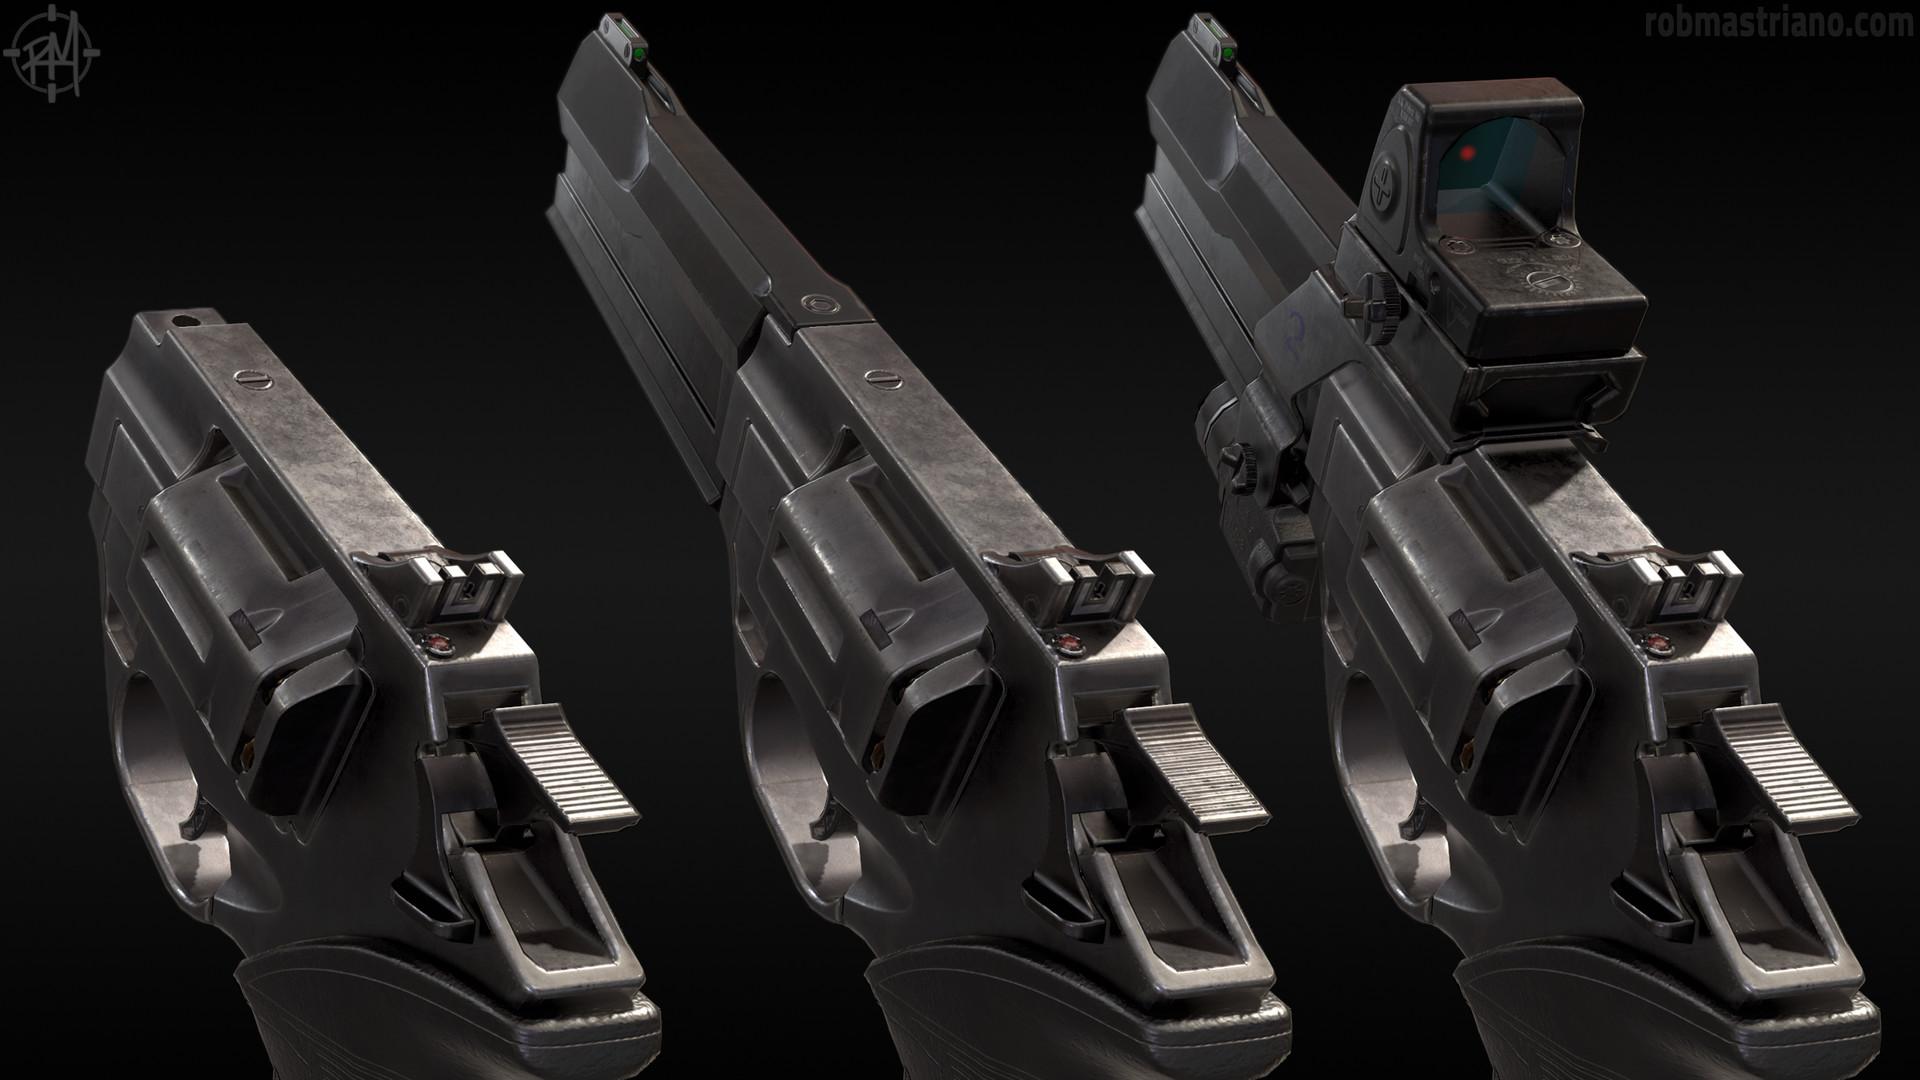 Rob mastriano revolver7